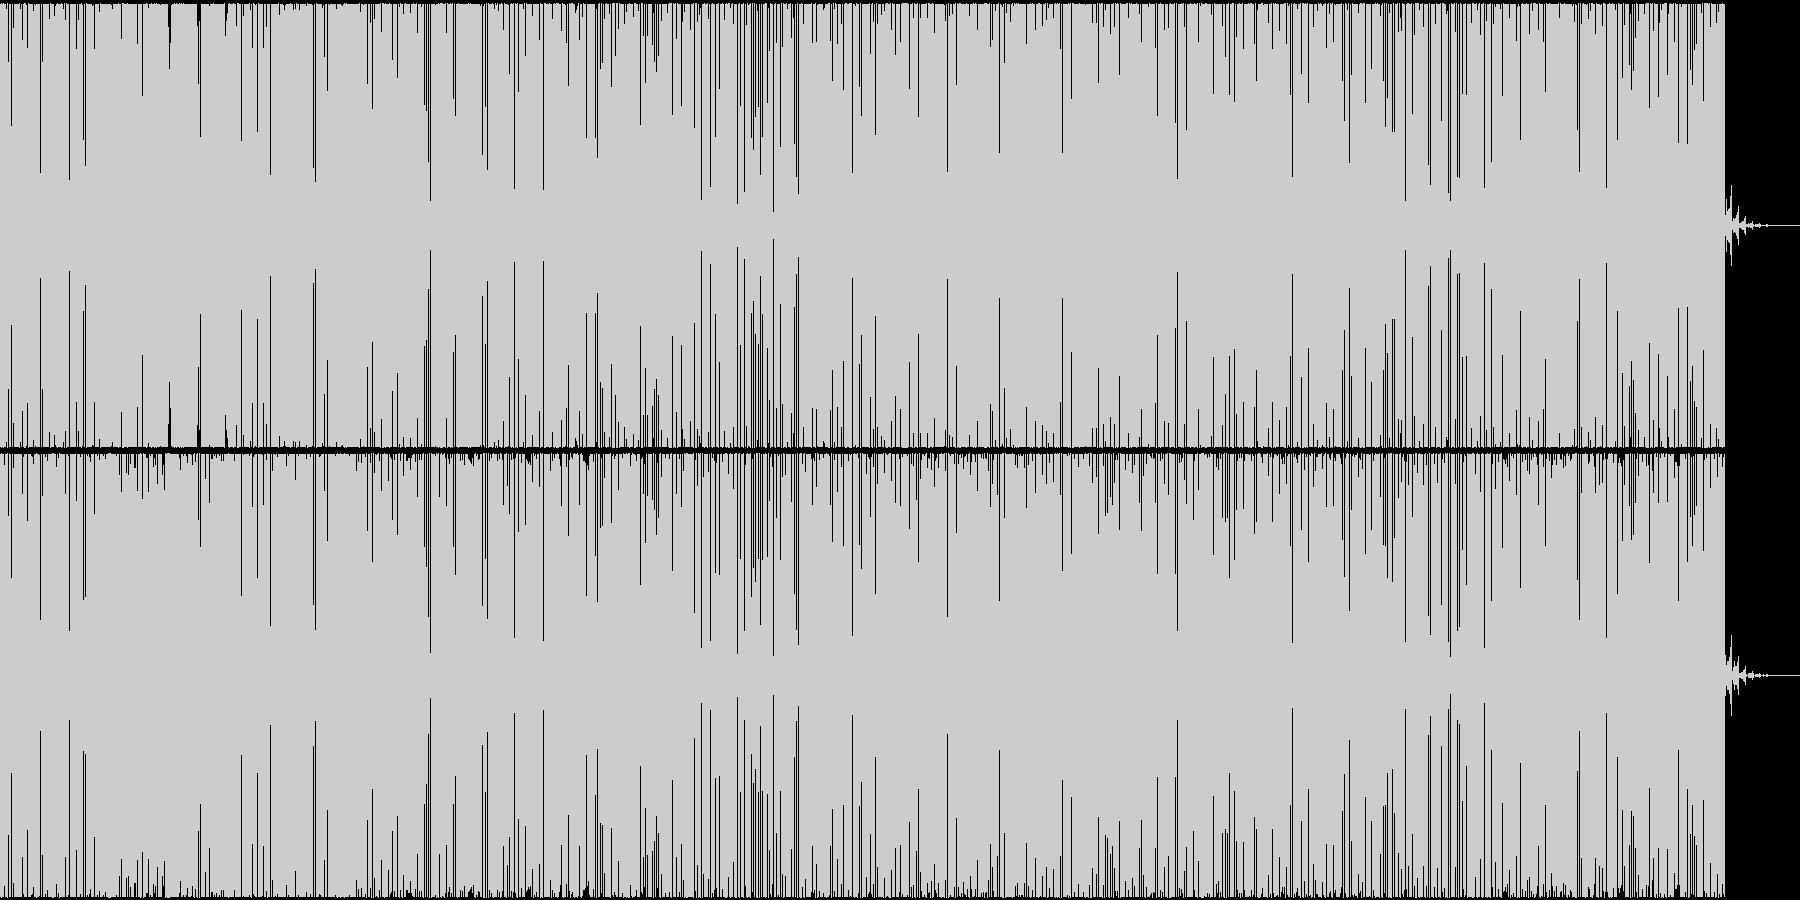 アメリカ西海岸のイメージの未再生の波形